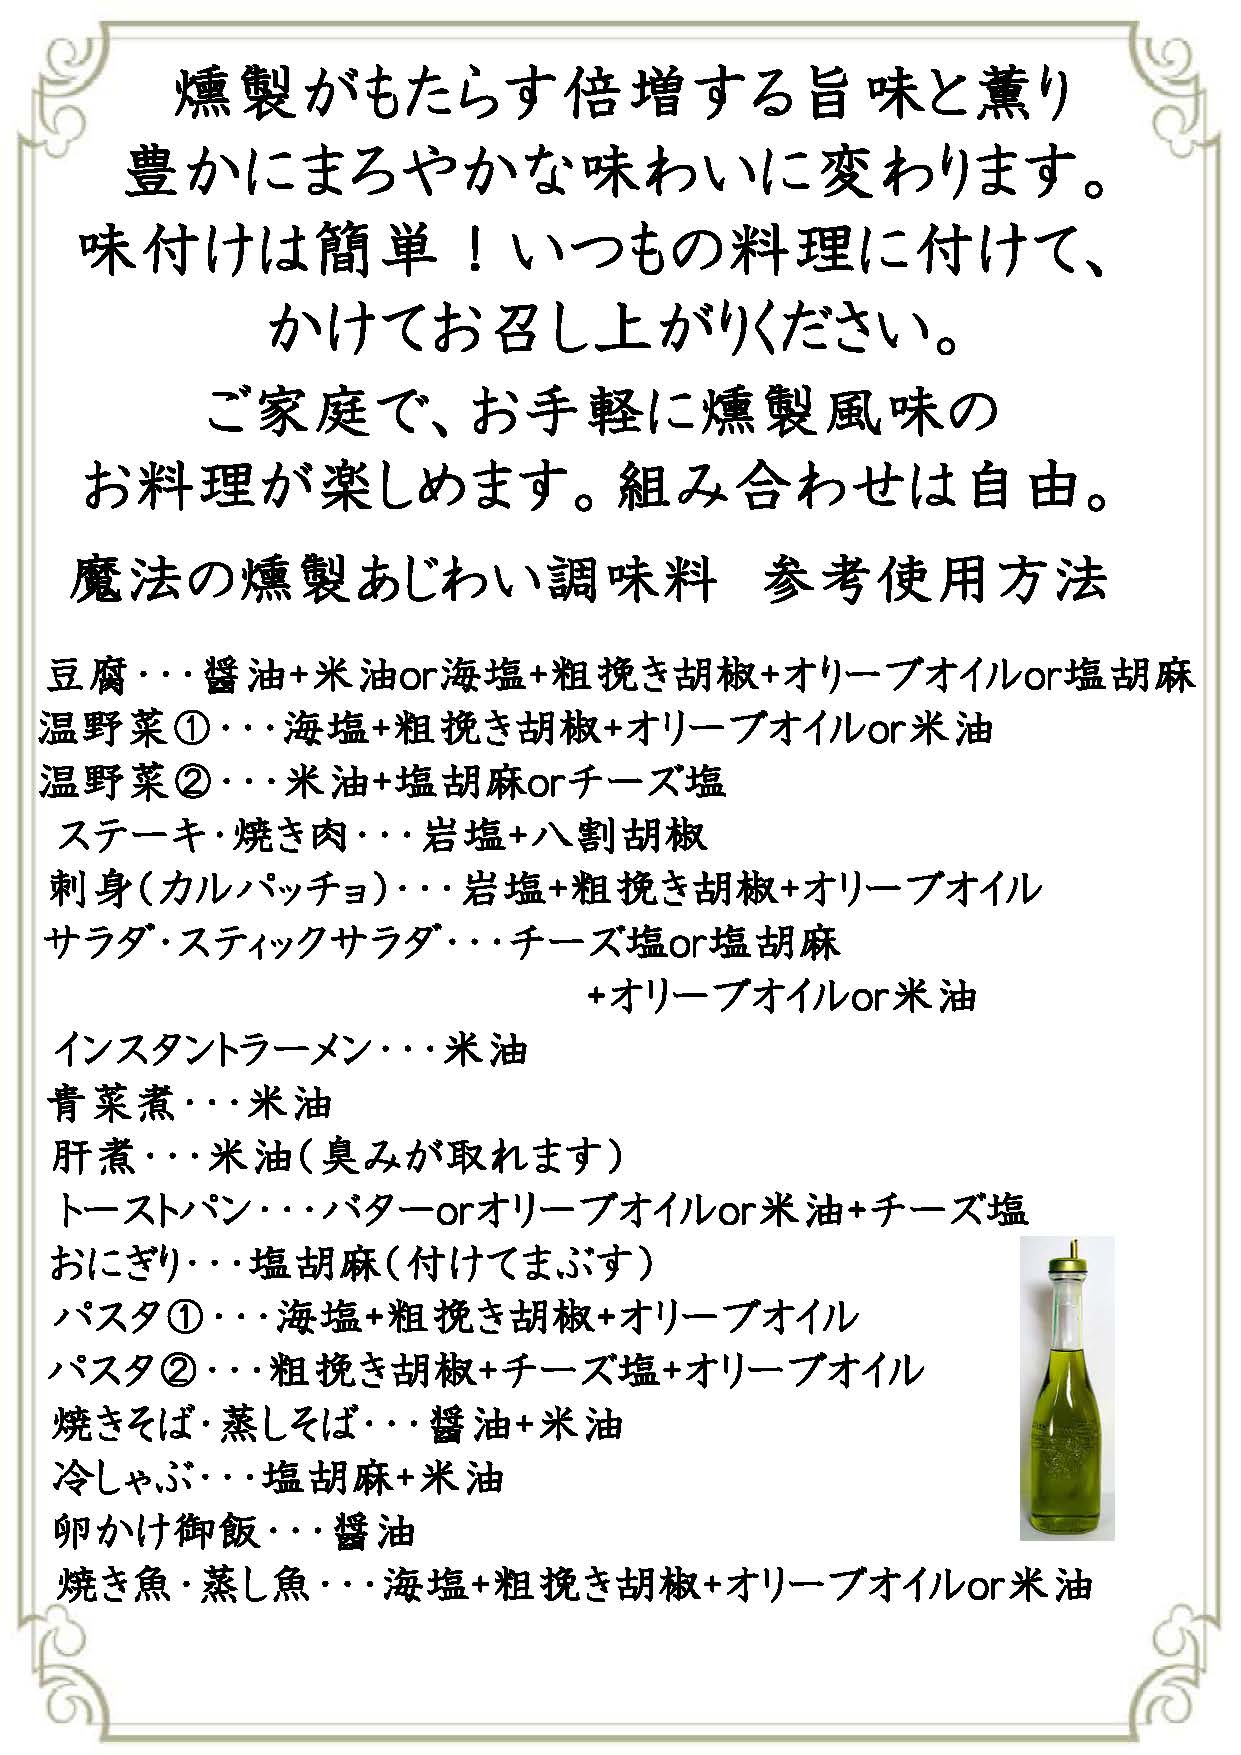 佐知's Pocket セット販売内容-06